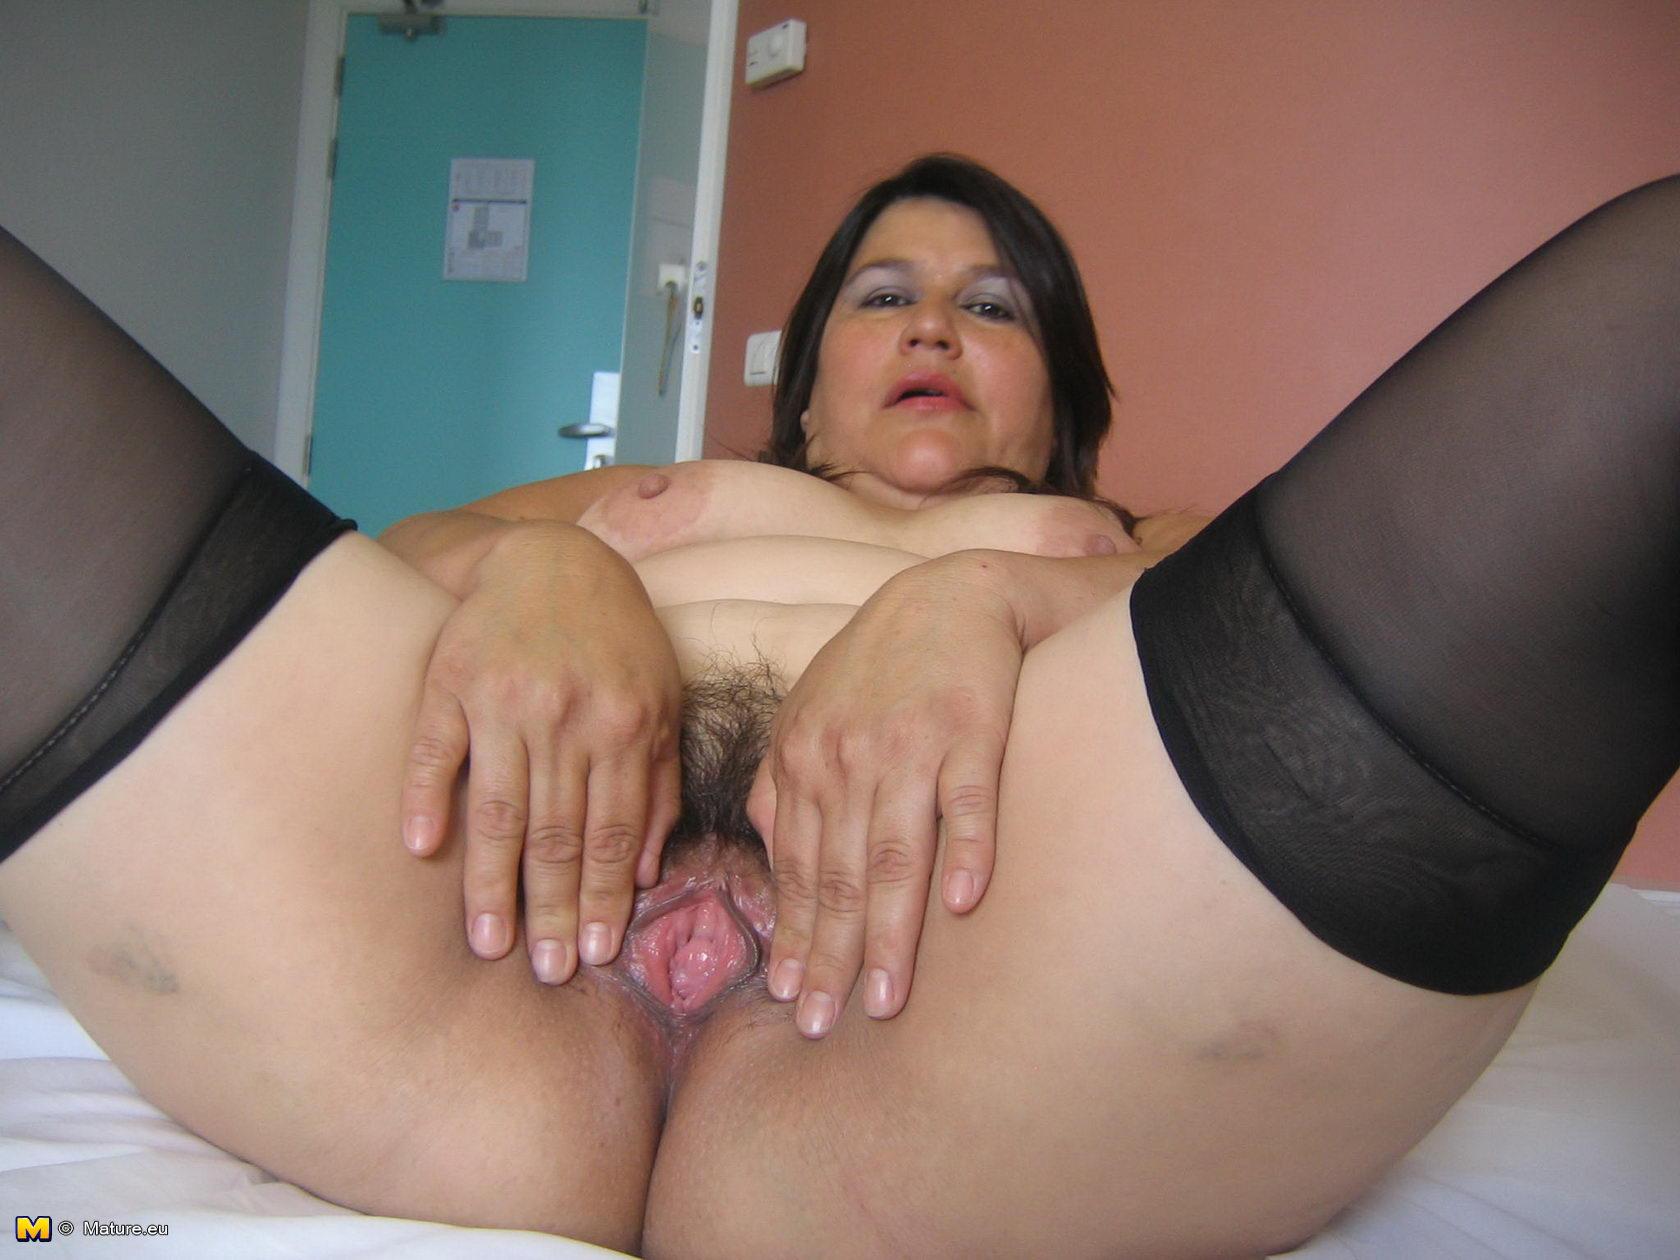 Ебут красивых зрелых баб смотреть бесплатное фото фото 188-724